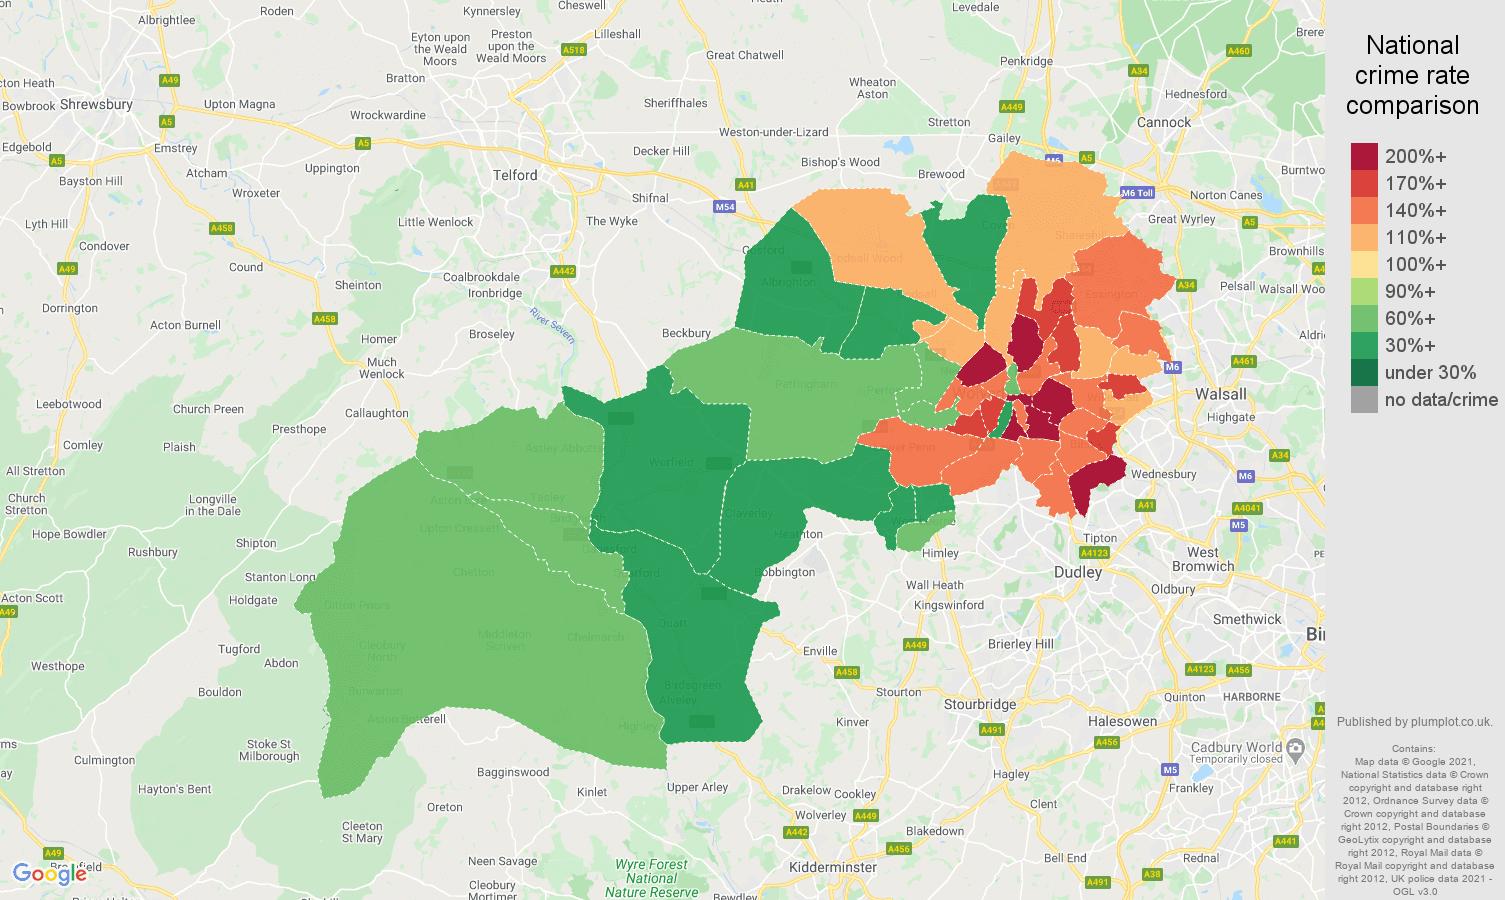 Wolverhampton violent crime rate comparison map